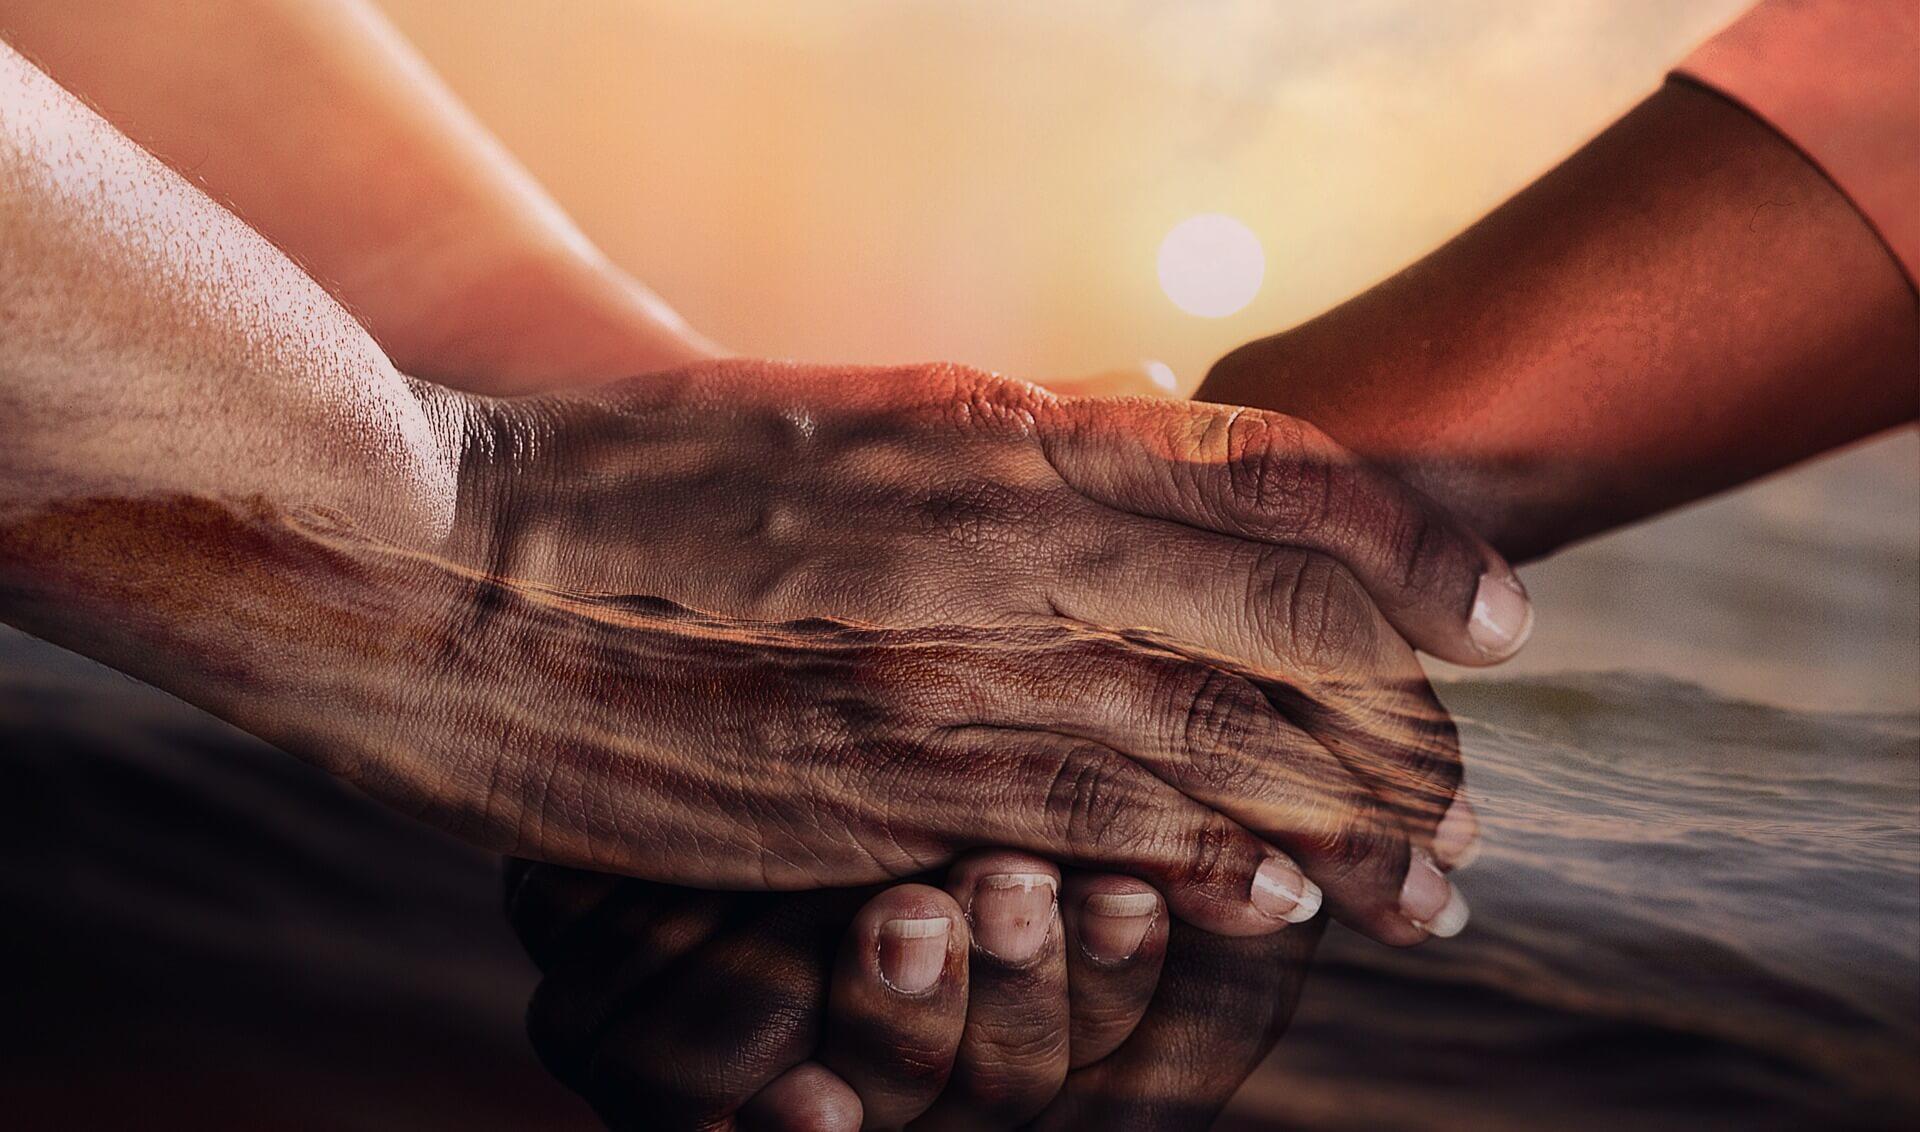 Christen nehmen Anteil. Symbolbild: Hände ineinandergehalten. Bild von cocoparisienne auf Pixabay